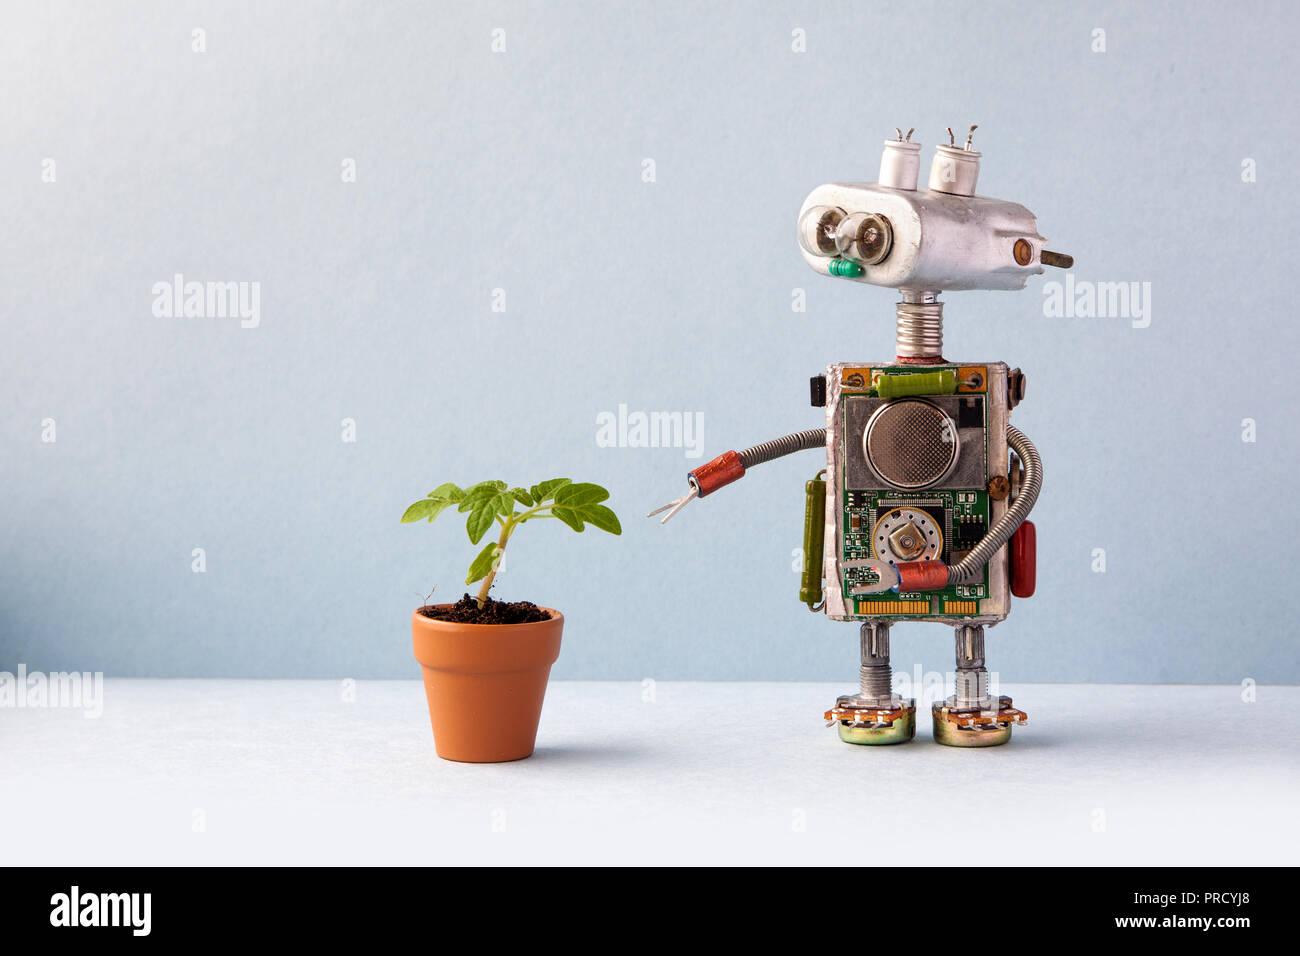 Con un pequeño robot verde de plantas germinadas en una maceta de barro. Eco del concepto de la vida orgánica. Pared gris de fondo, espacio de copia Foto de stock